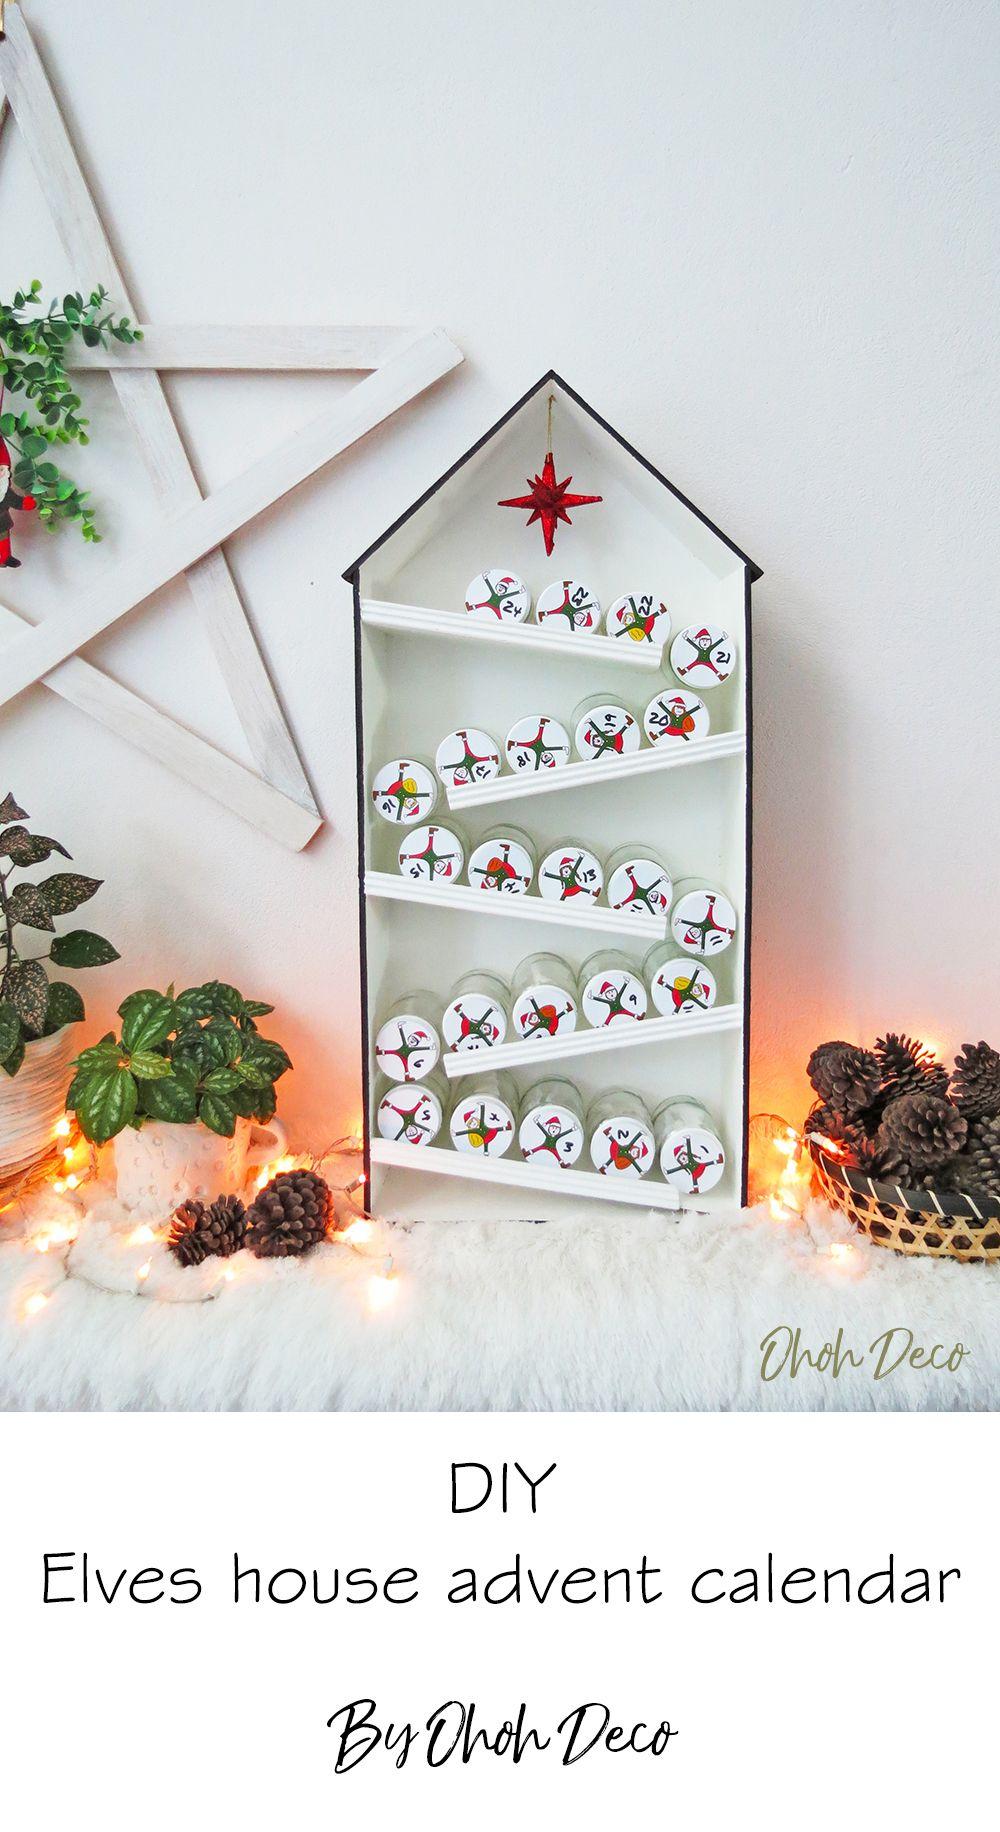 DIY Elves advent calendar - Ohoh deco